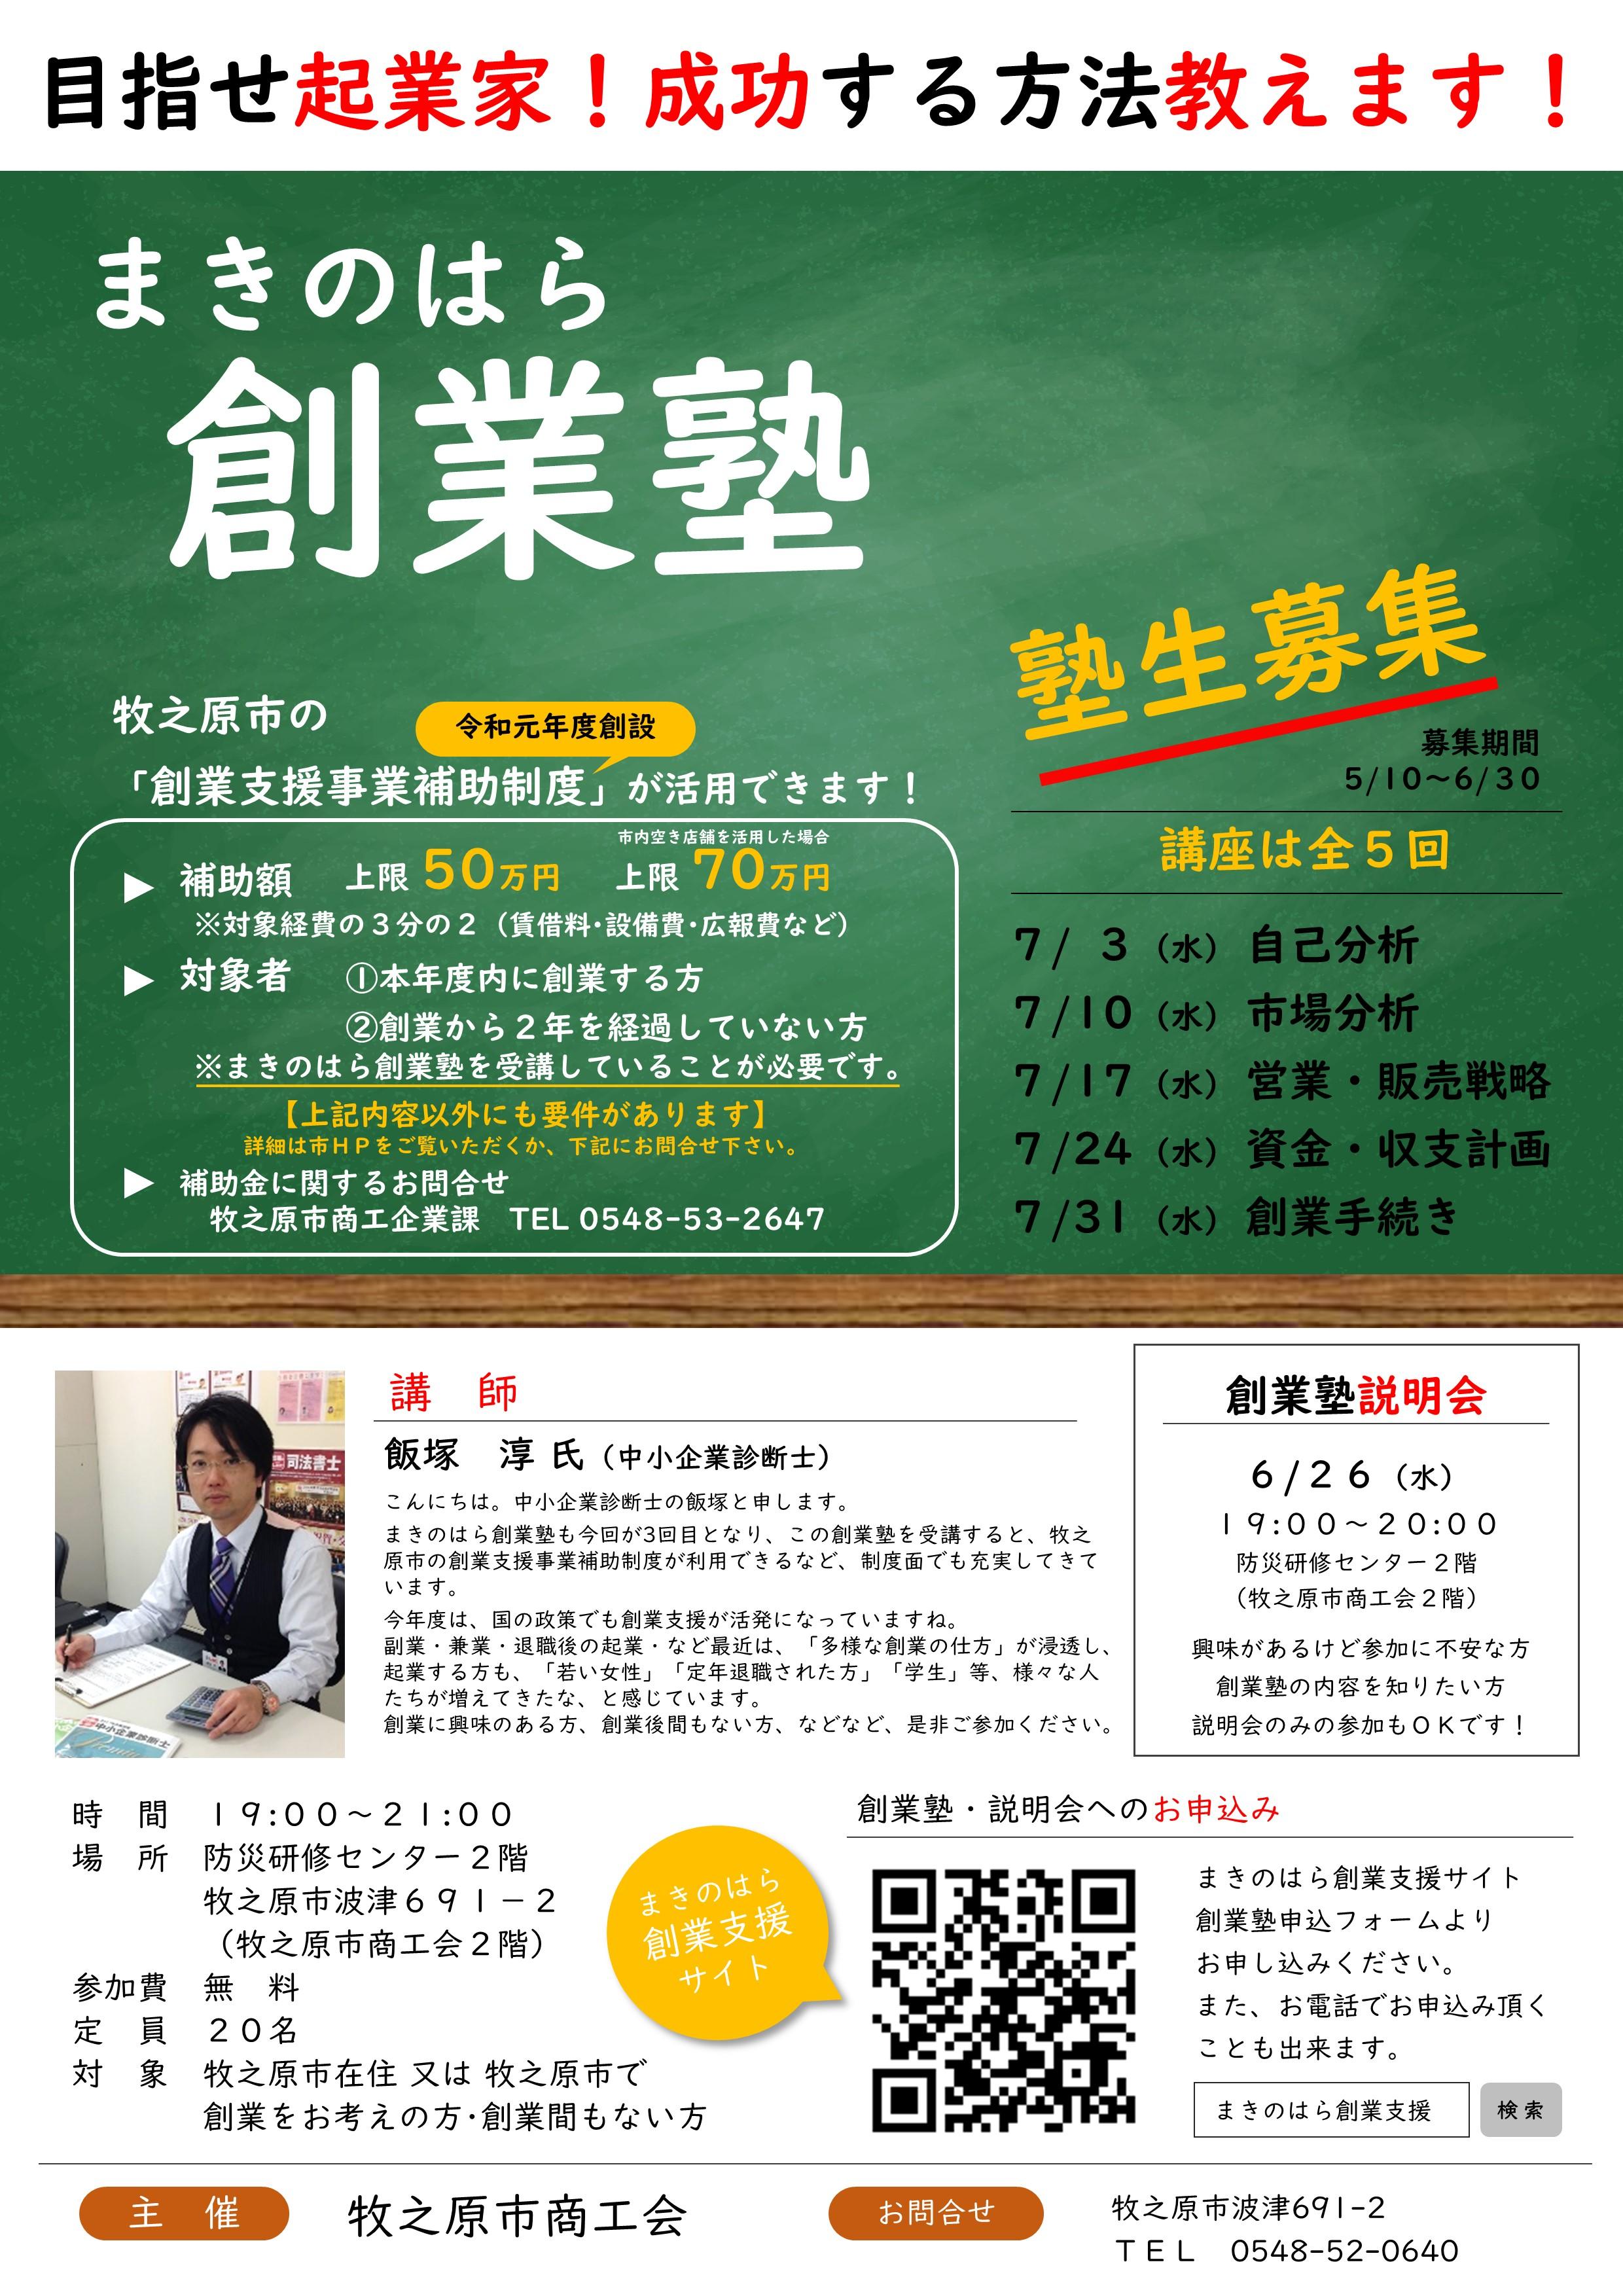 http://blog.makinohara-s.com/%E5%89%B5%E6%A5%AD%E5%A1%BE%E3%83%81%E3%83%A9%E3%82%B7.jpg